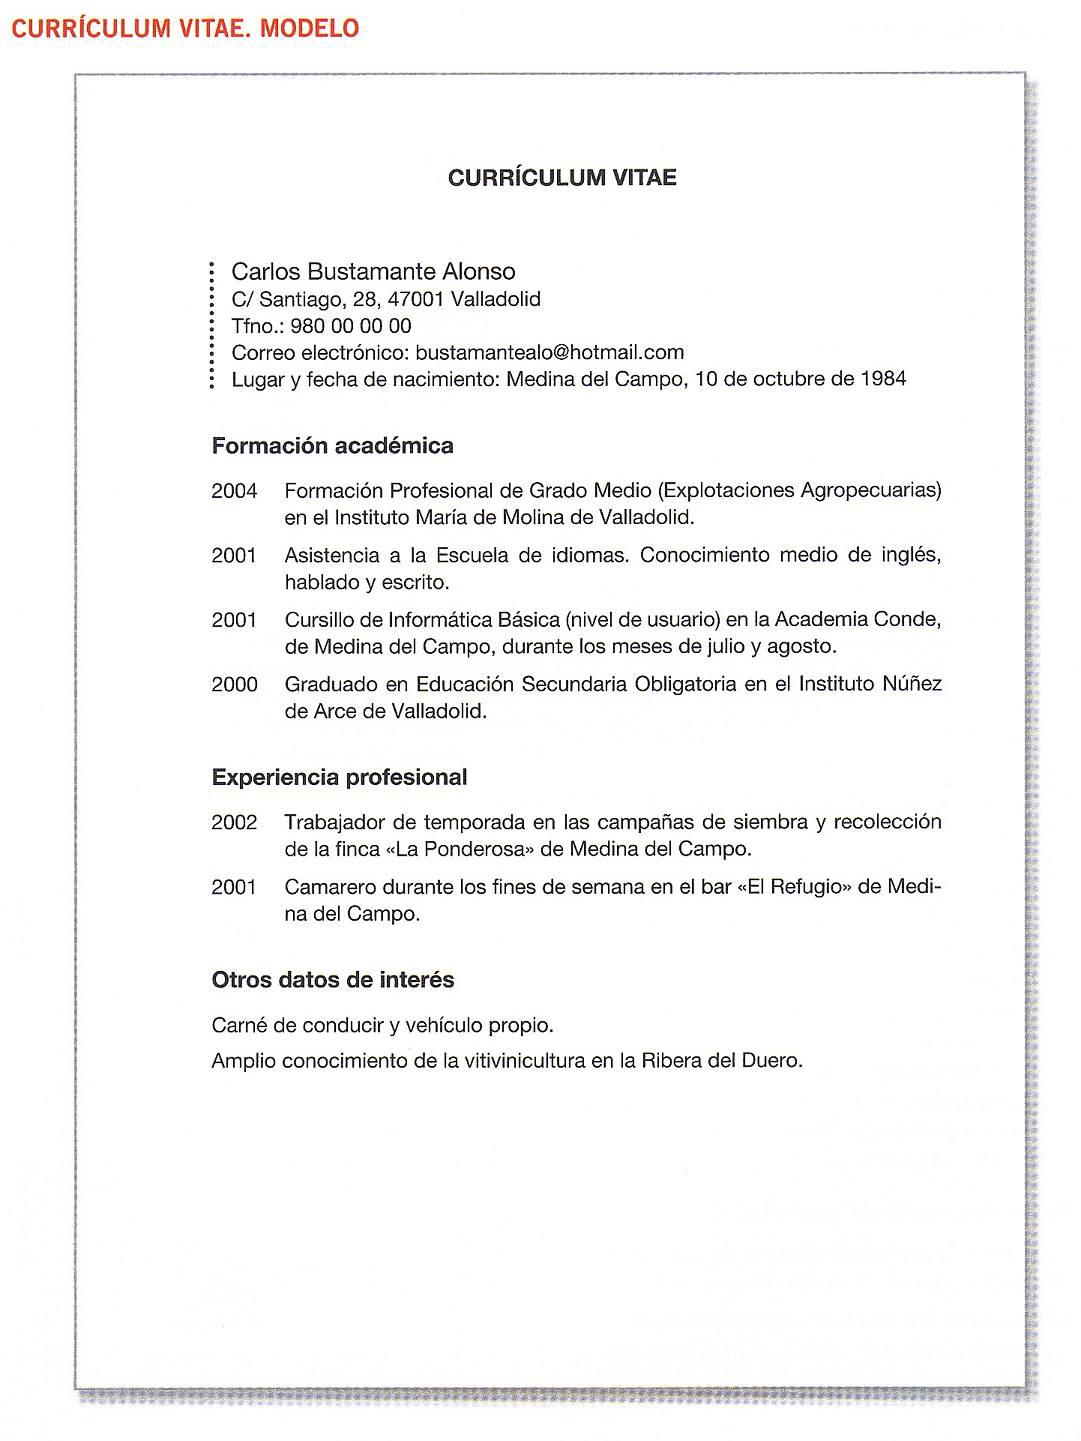 Ejemplos Curriculum Vitae Formato Pdf Job Resume For High School